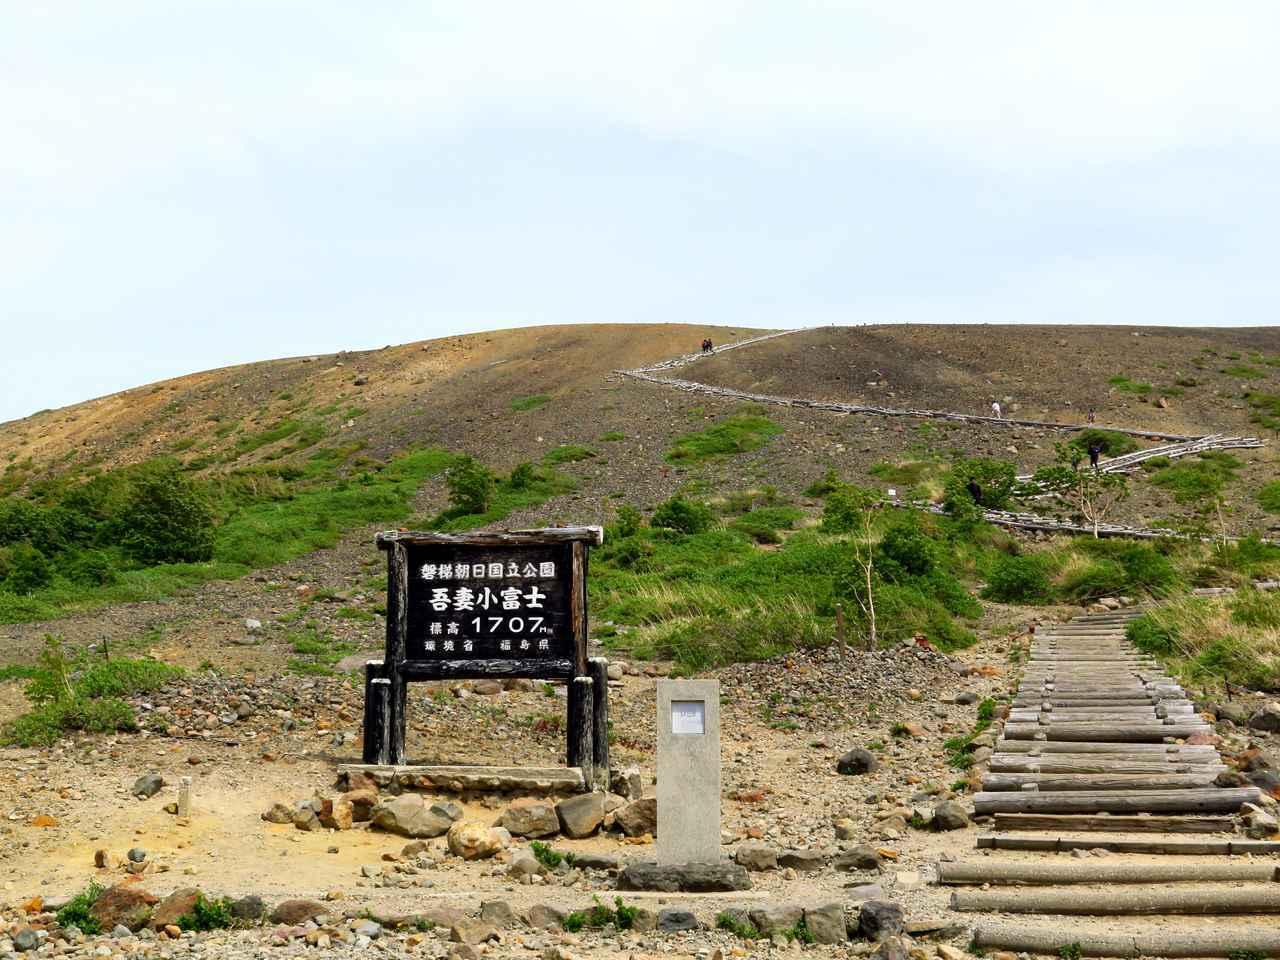 画像1: ④ 福島県「磐梯吾妻スカイライン」